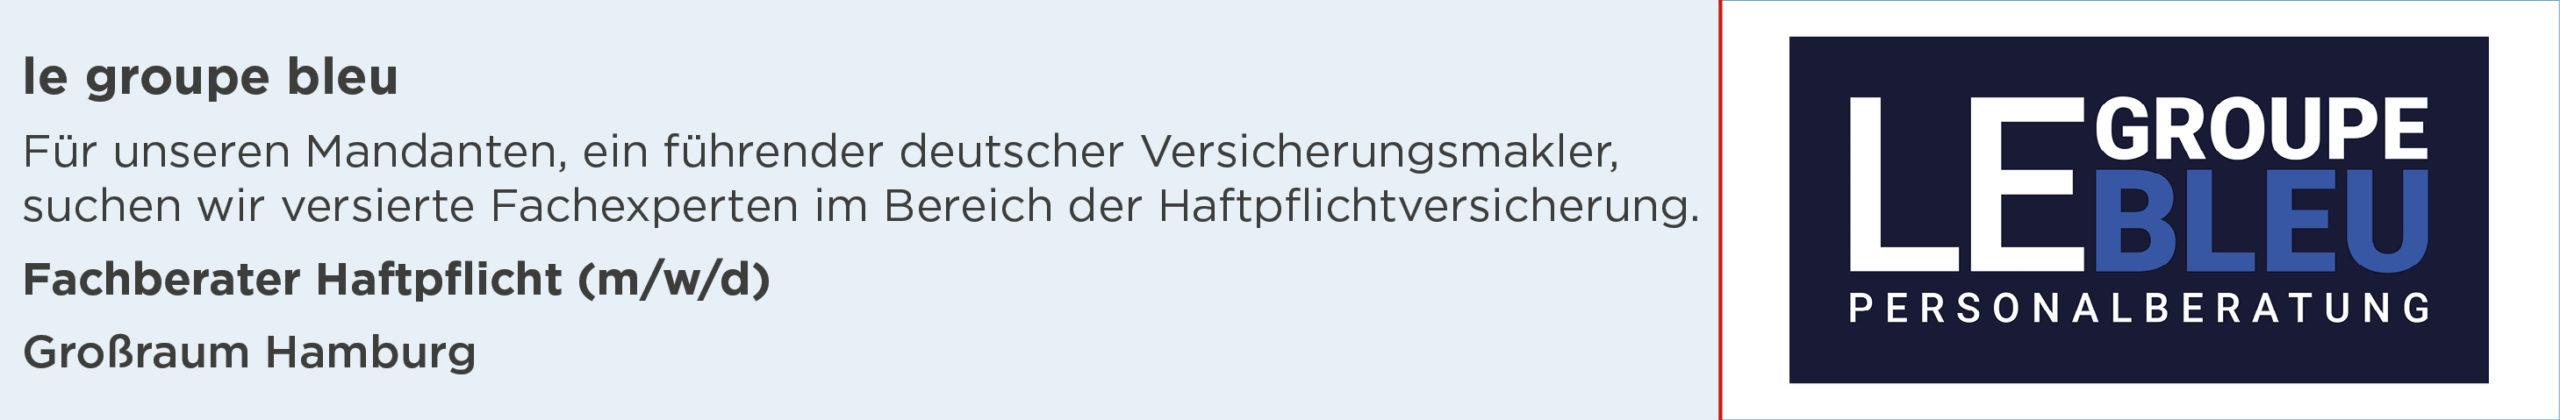 le groupe bleu, Stellenanzeige, Fachberater Haftpflicht, Großraum Hamburg